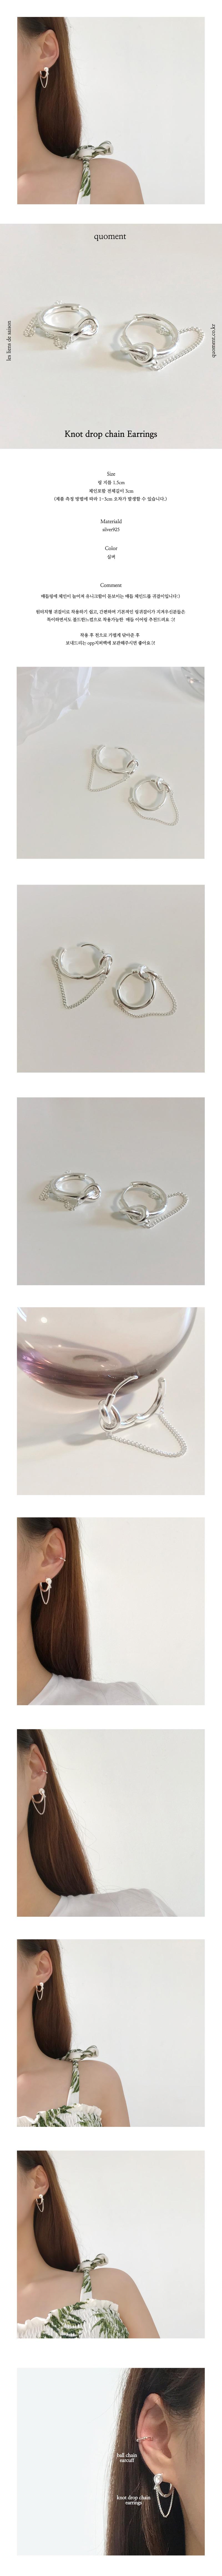 925실버 심플 볼드매듭 드롭체인 링귀걸이 - 쿼먼트, 25,000원, 실버, 링귀걸이